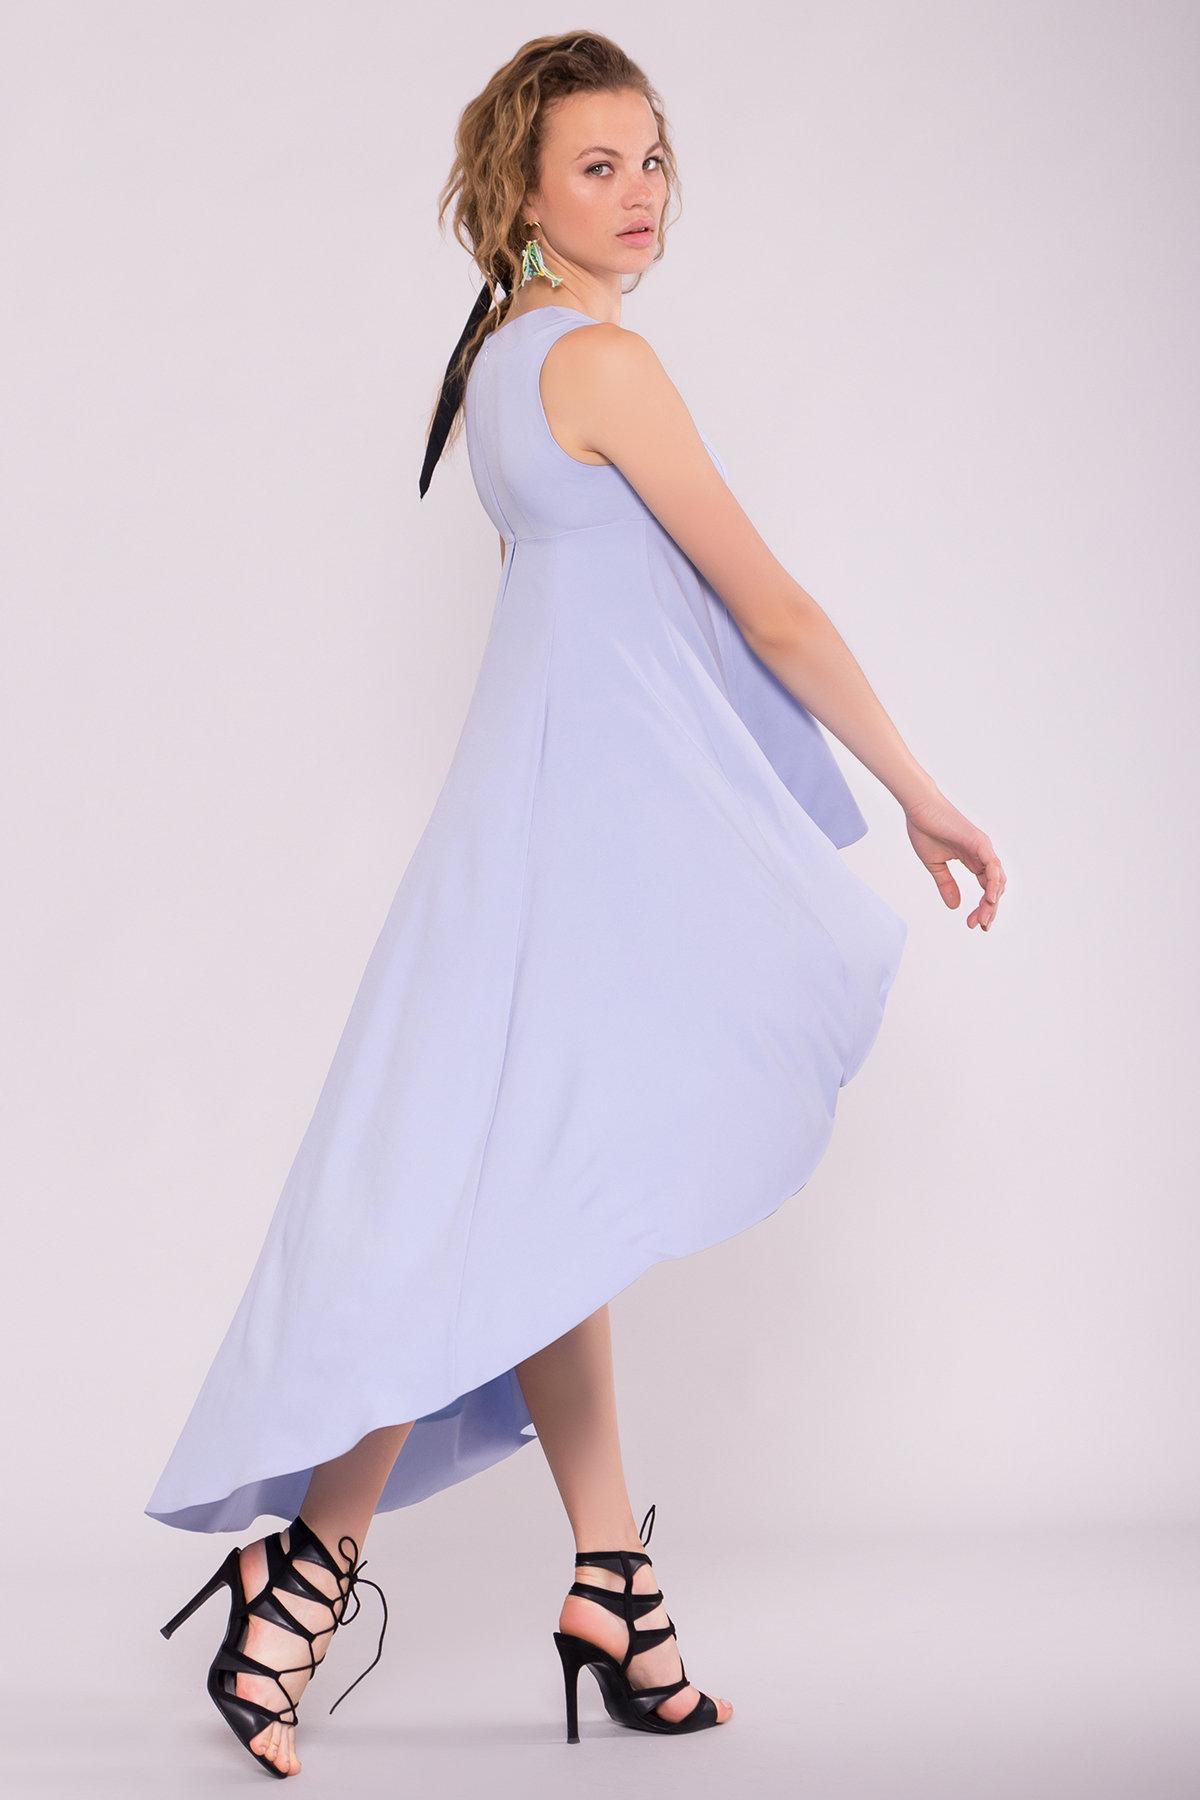 Платье Афродита 7243 АРТ. 42812 Цвет: Голубой - фото 2, интернет магазин tm-modus.ru